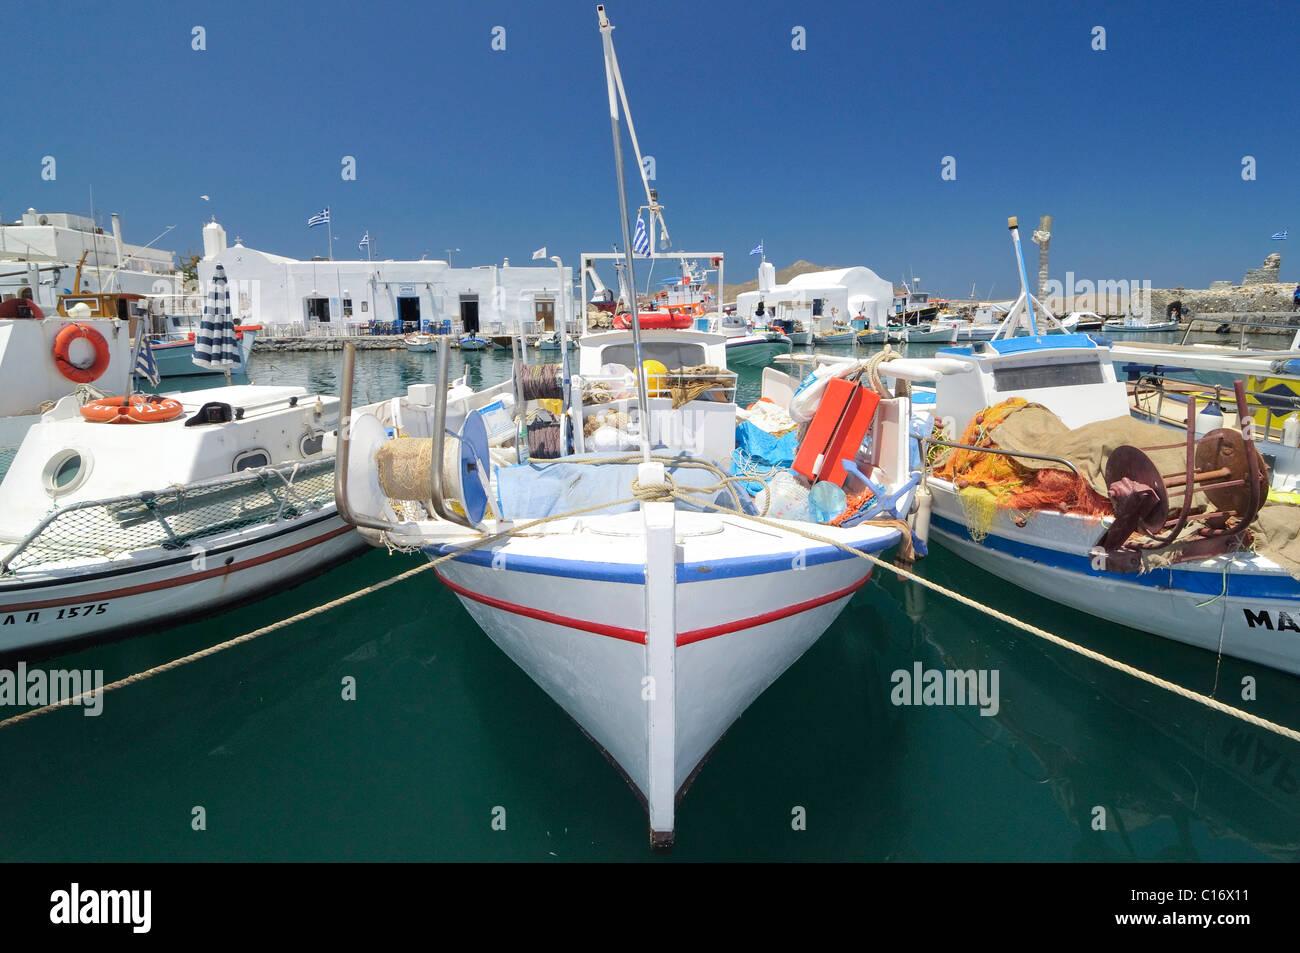 Barche da pesca nel porto di Naoussa, PAROS, CICLADI, Griechenland, Europa Immagini Stock